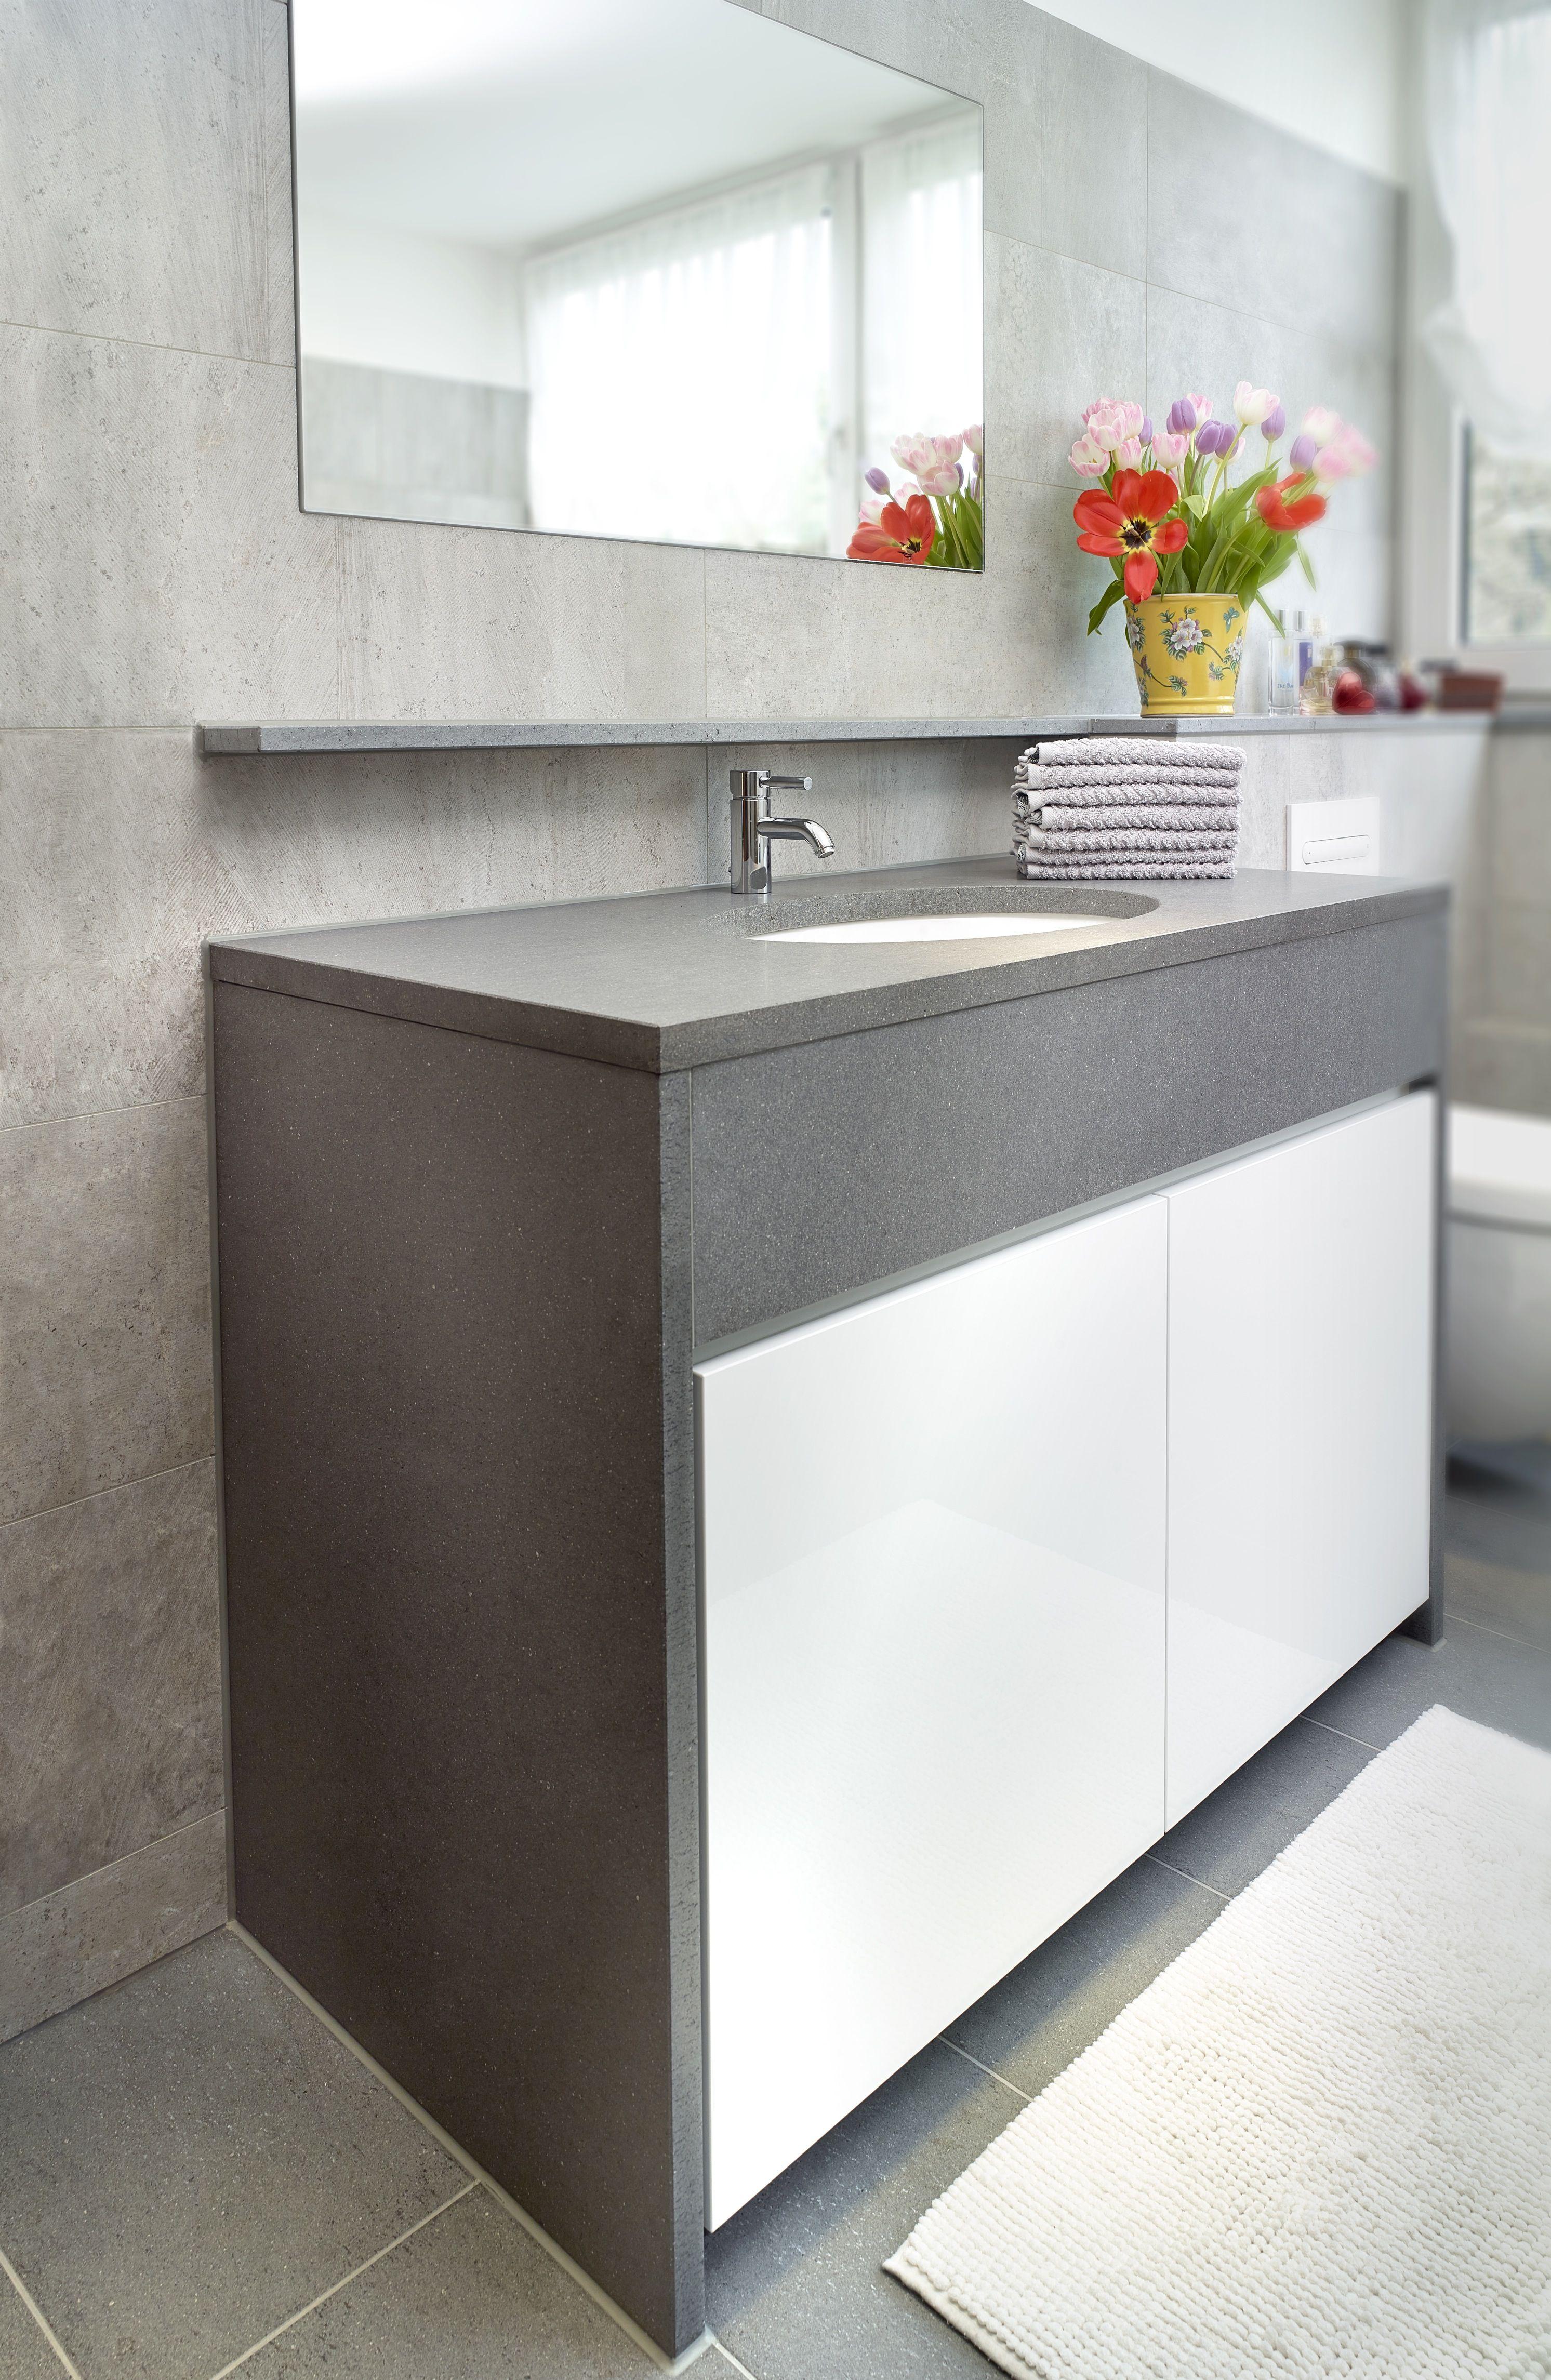 Küchenarbeitsplatte U2013 Wikipedia Vermutlich Auf Trentiner Porphyr    Https://de.wikipedia.org/wiki/K%C3%BCchenarbeitsplatte | Granit  Arbeitsplatten | ...